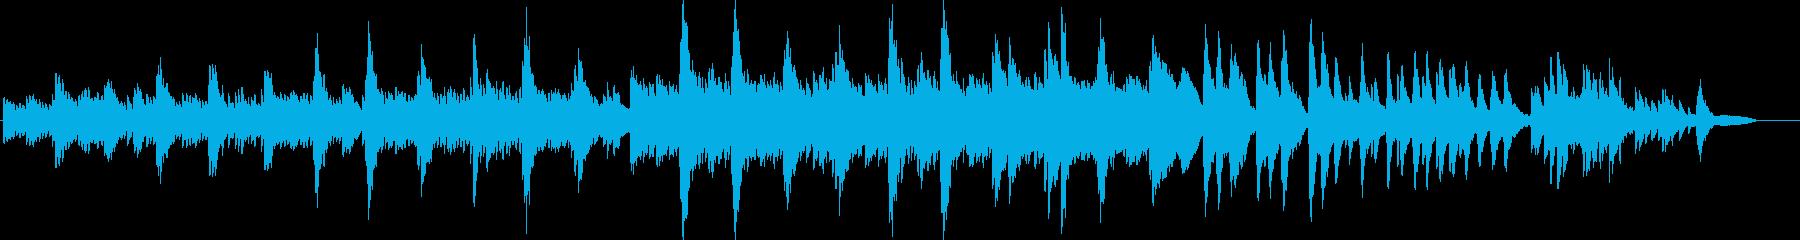 映画・映像ナレーションに最適なピアノソロの再生済みの波形